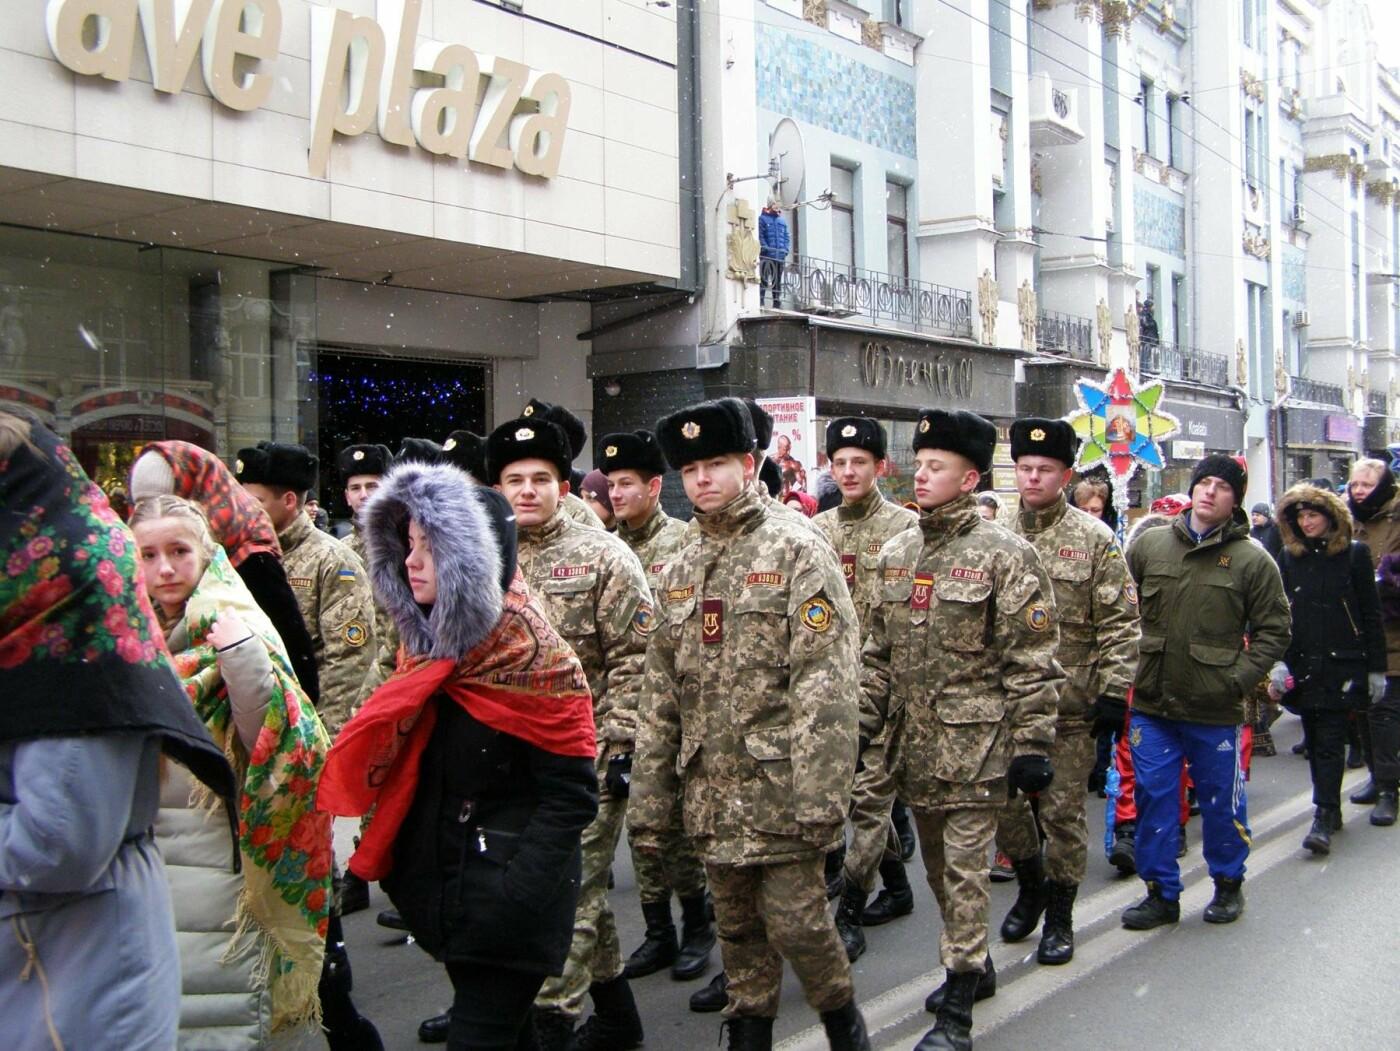 Харьков заполонили ангелы, козы и черти: в городе прошел масштабный фестиваль вертепов (ФОТО), фото-7